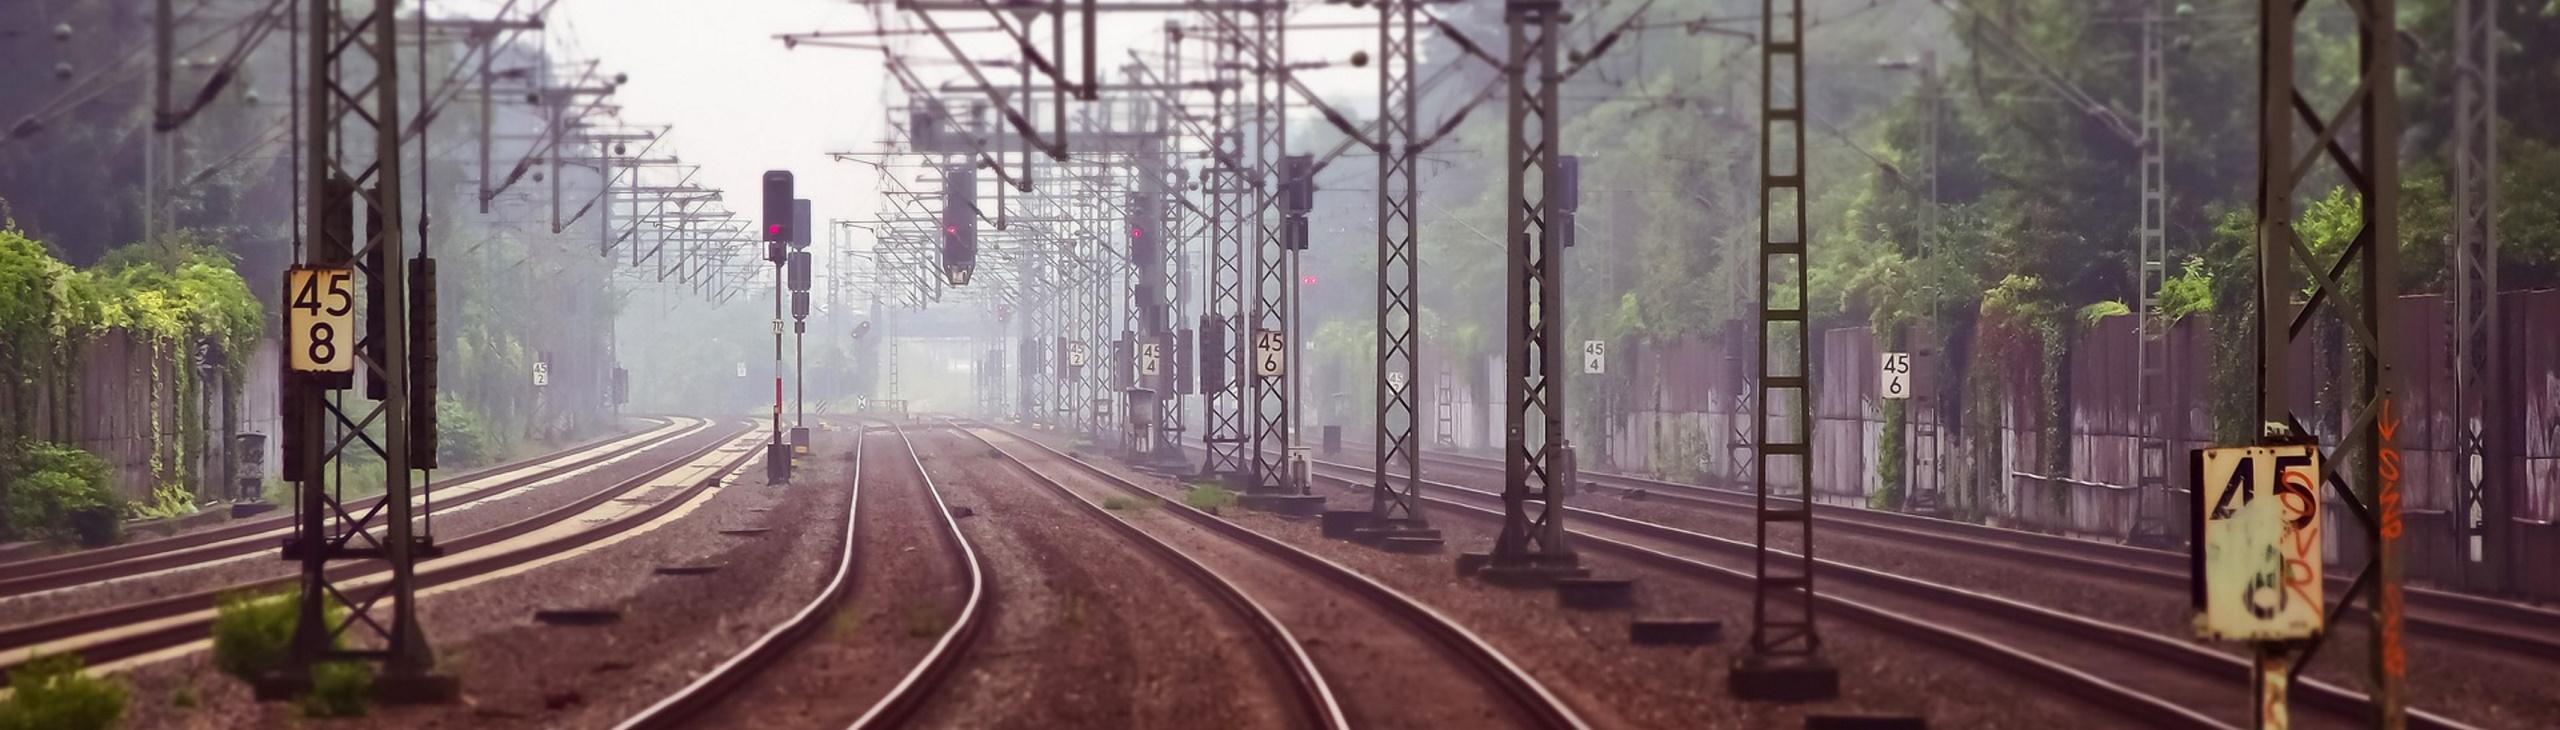 SAMO|EAM Bahn